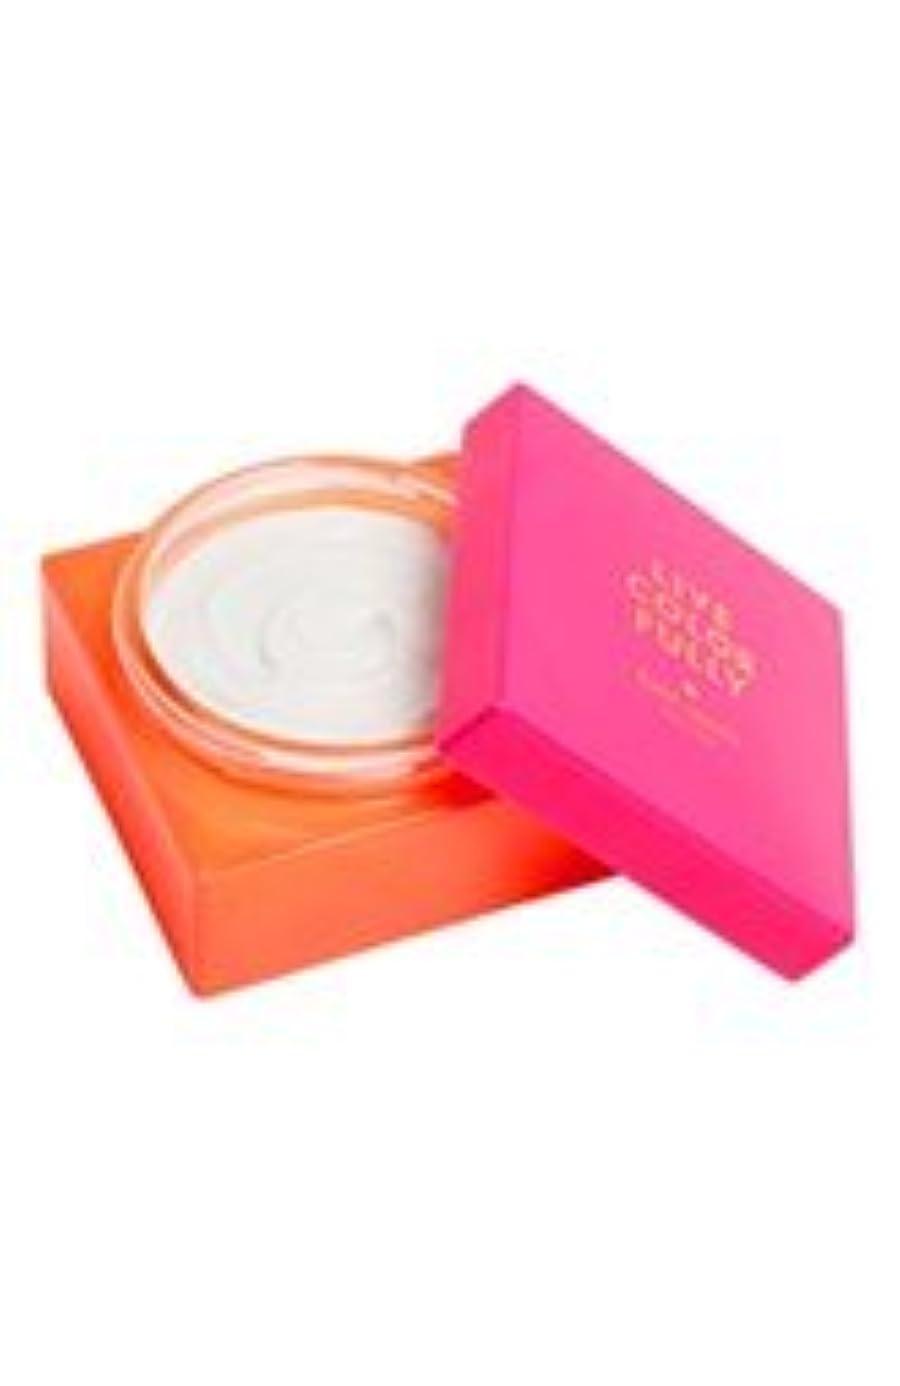 悪党セクタ安息Live Colorfully (リブ カラフリー) 6.8 oz (200ml) Body Cream(ボディークリーム)by Kate Spade for Women